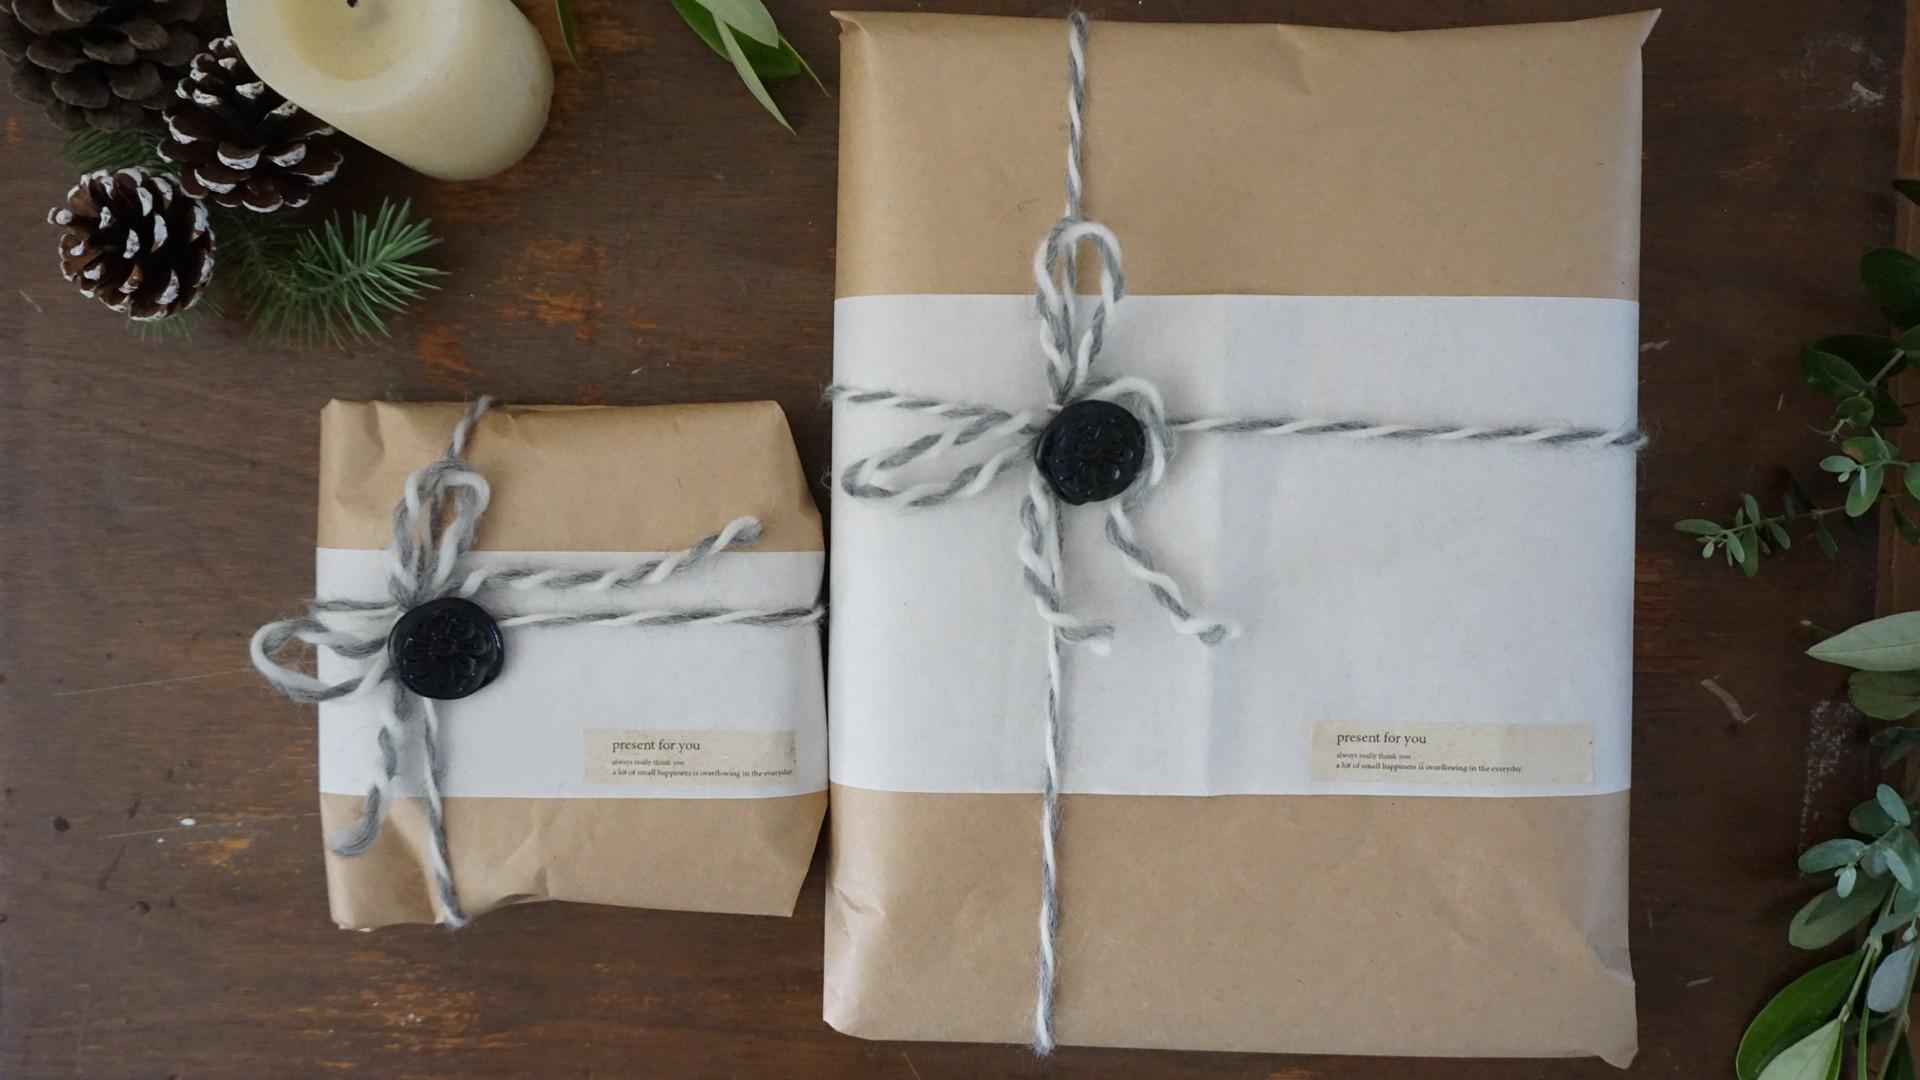 母の日のプレゼント選びにインテリアとしてずっと飾れるほっこり温かみのある木の雑貨はいかがでしょうか?